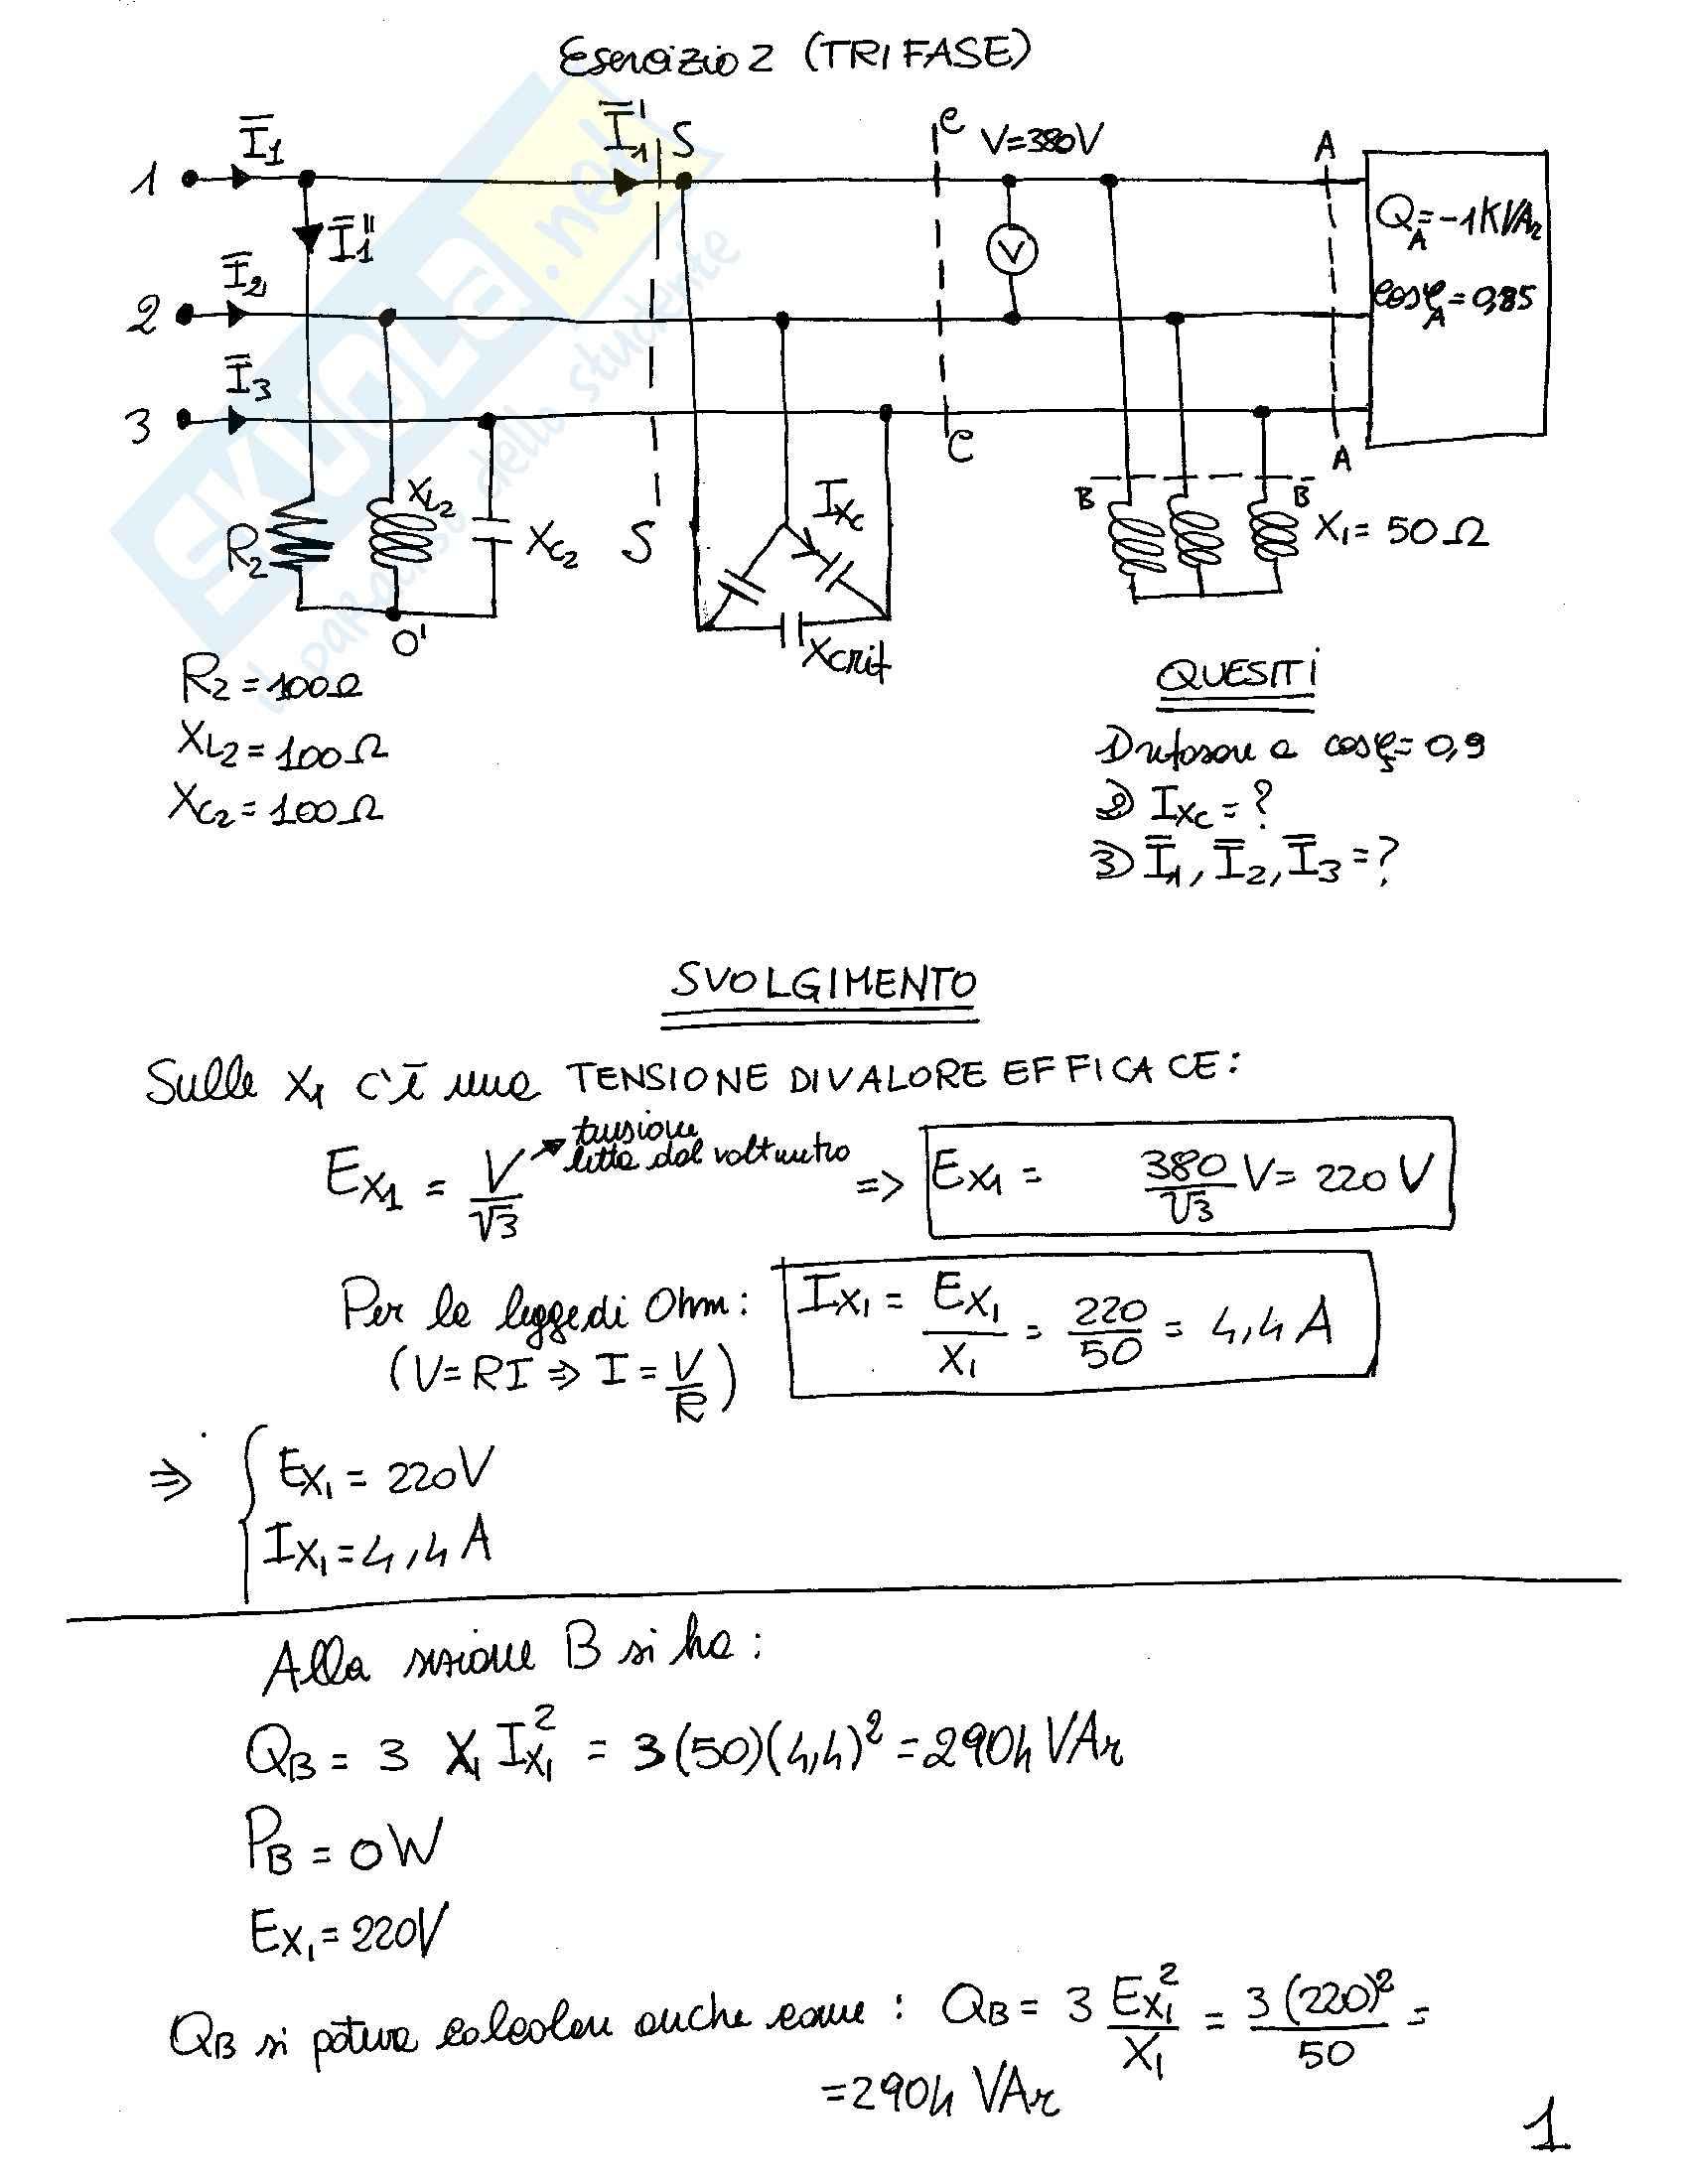 Sistemi trifase - Esercizi svolti